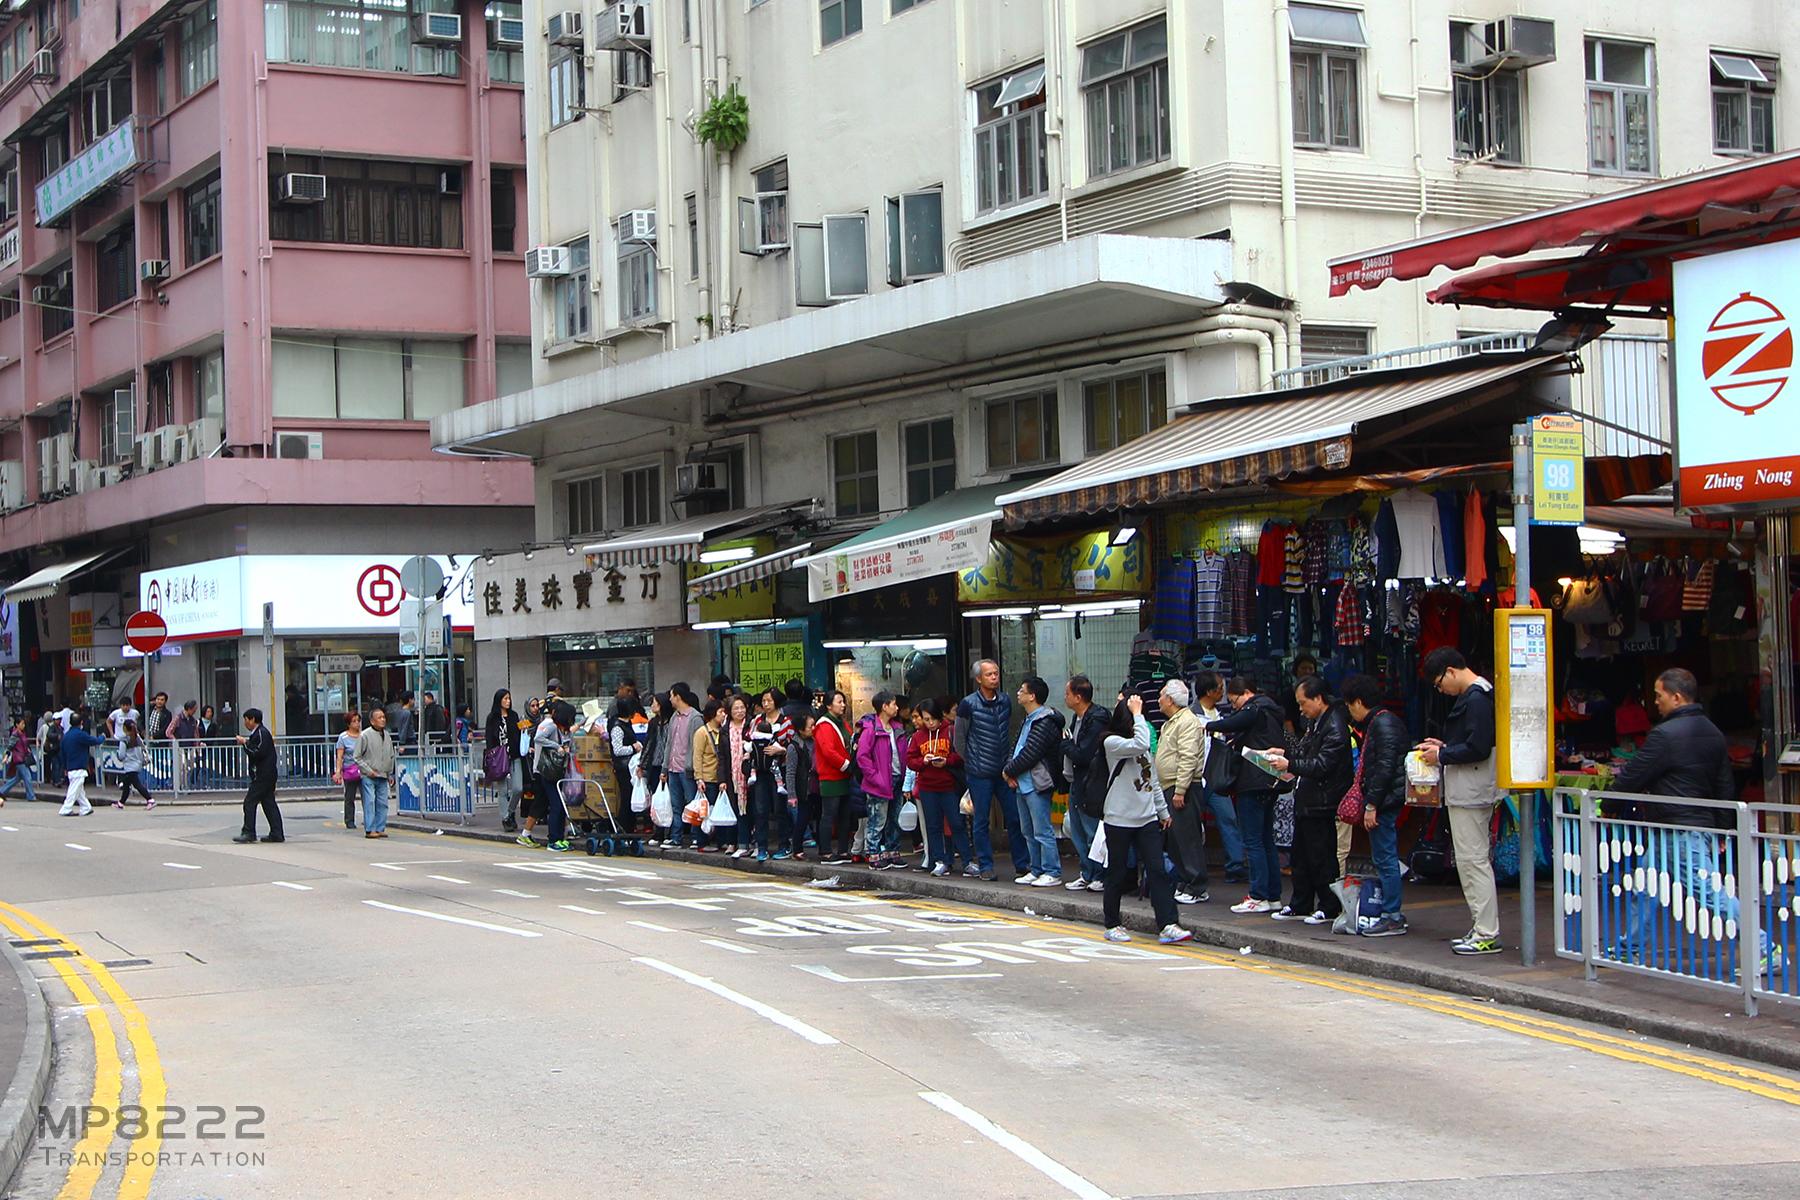 香港仔 (成都道) 總站